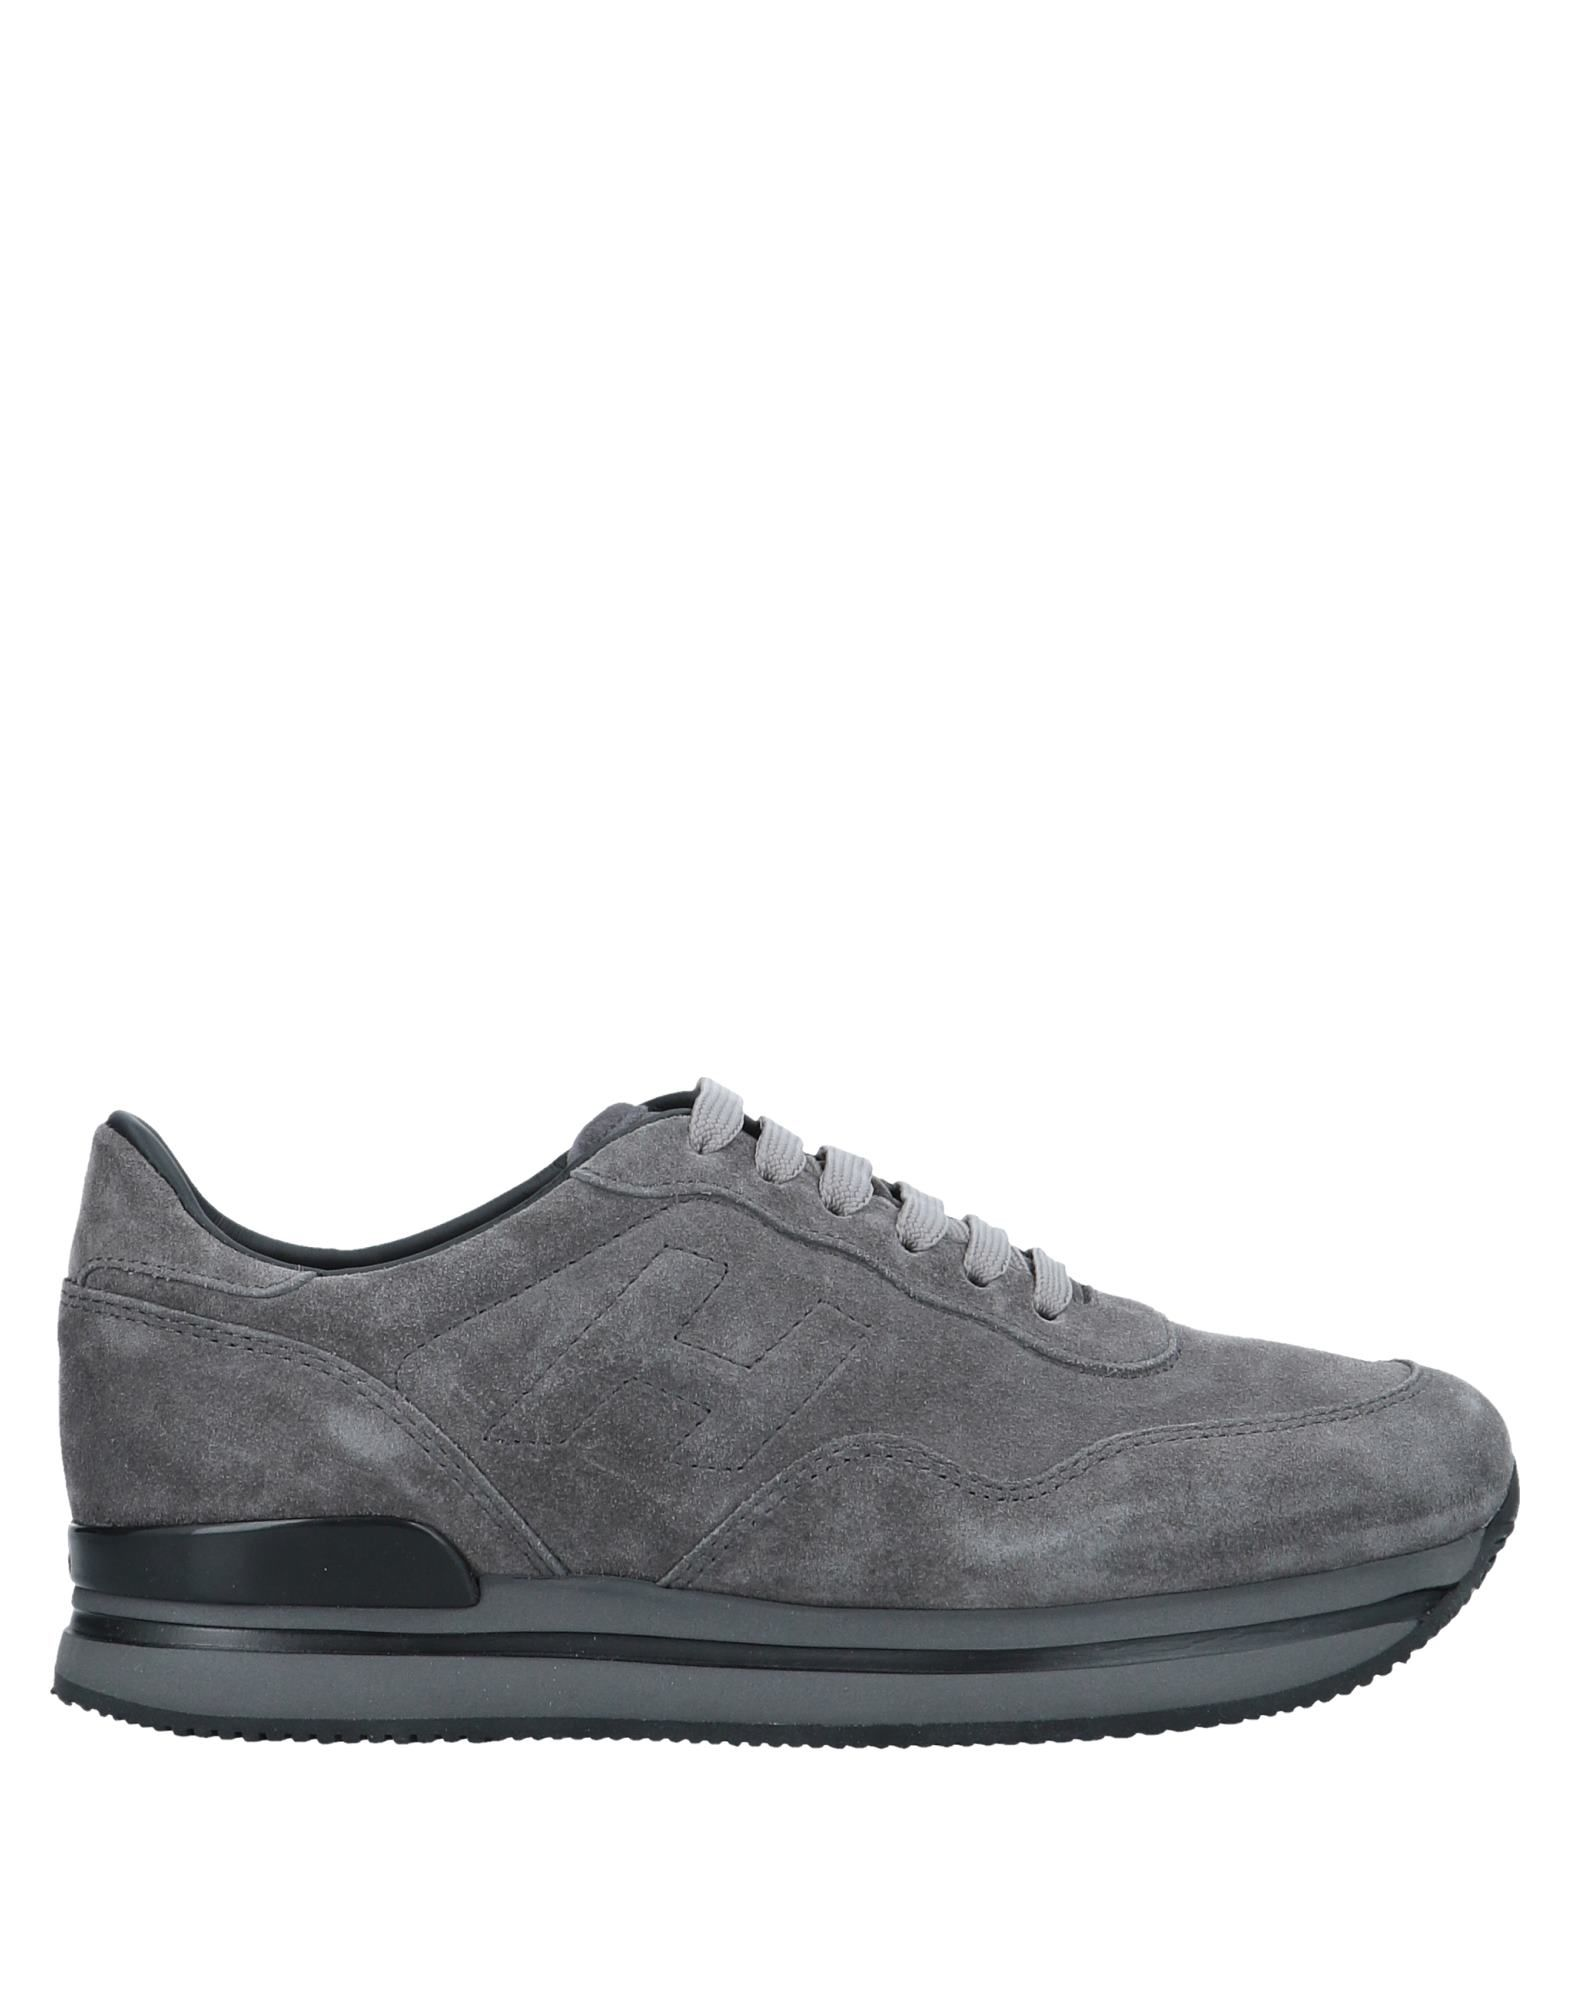 Hogan Sneakers - Women  Hogan Sneakers online on  Women United Kingdom - 11568148KT 844db7